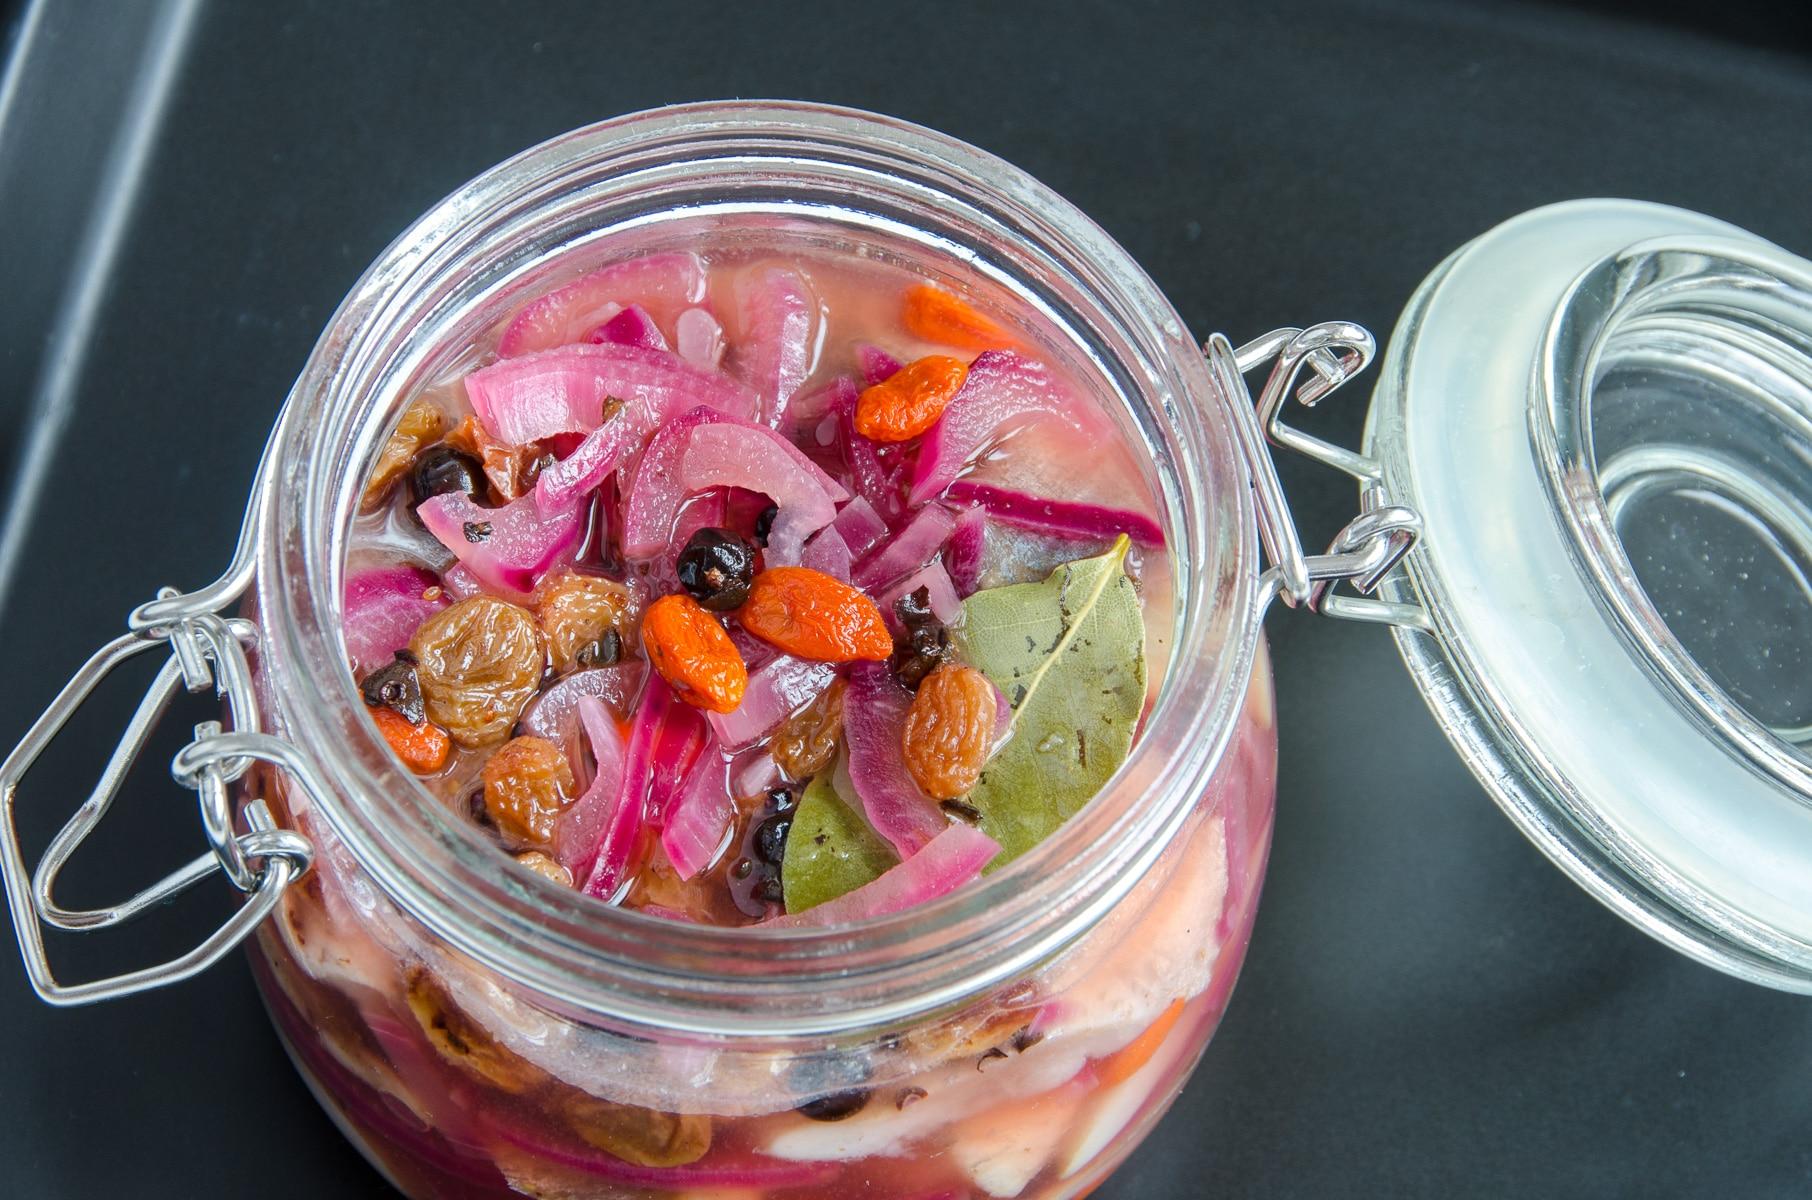 śledź z czerwoną cebulą w słoiku z rodzynkami i jagodami goji